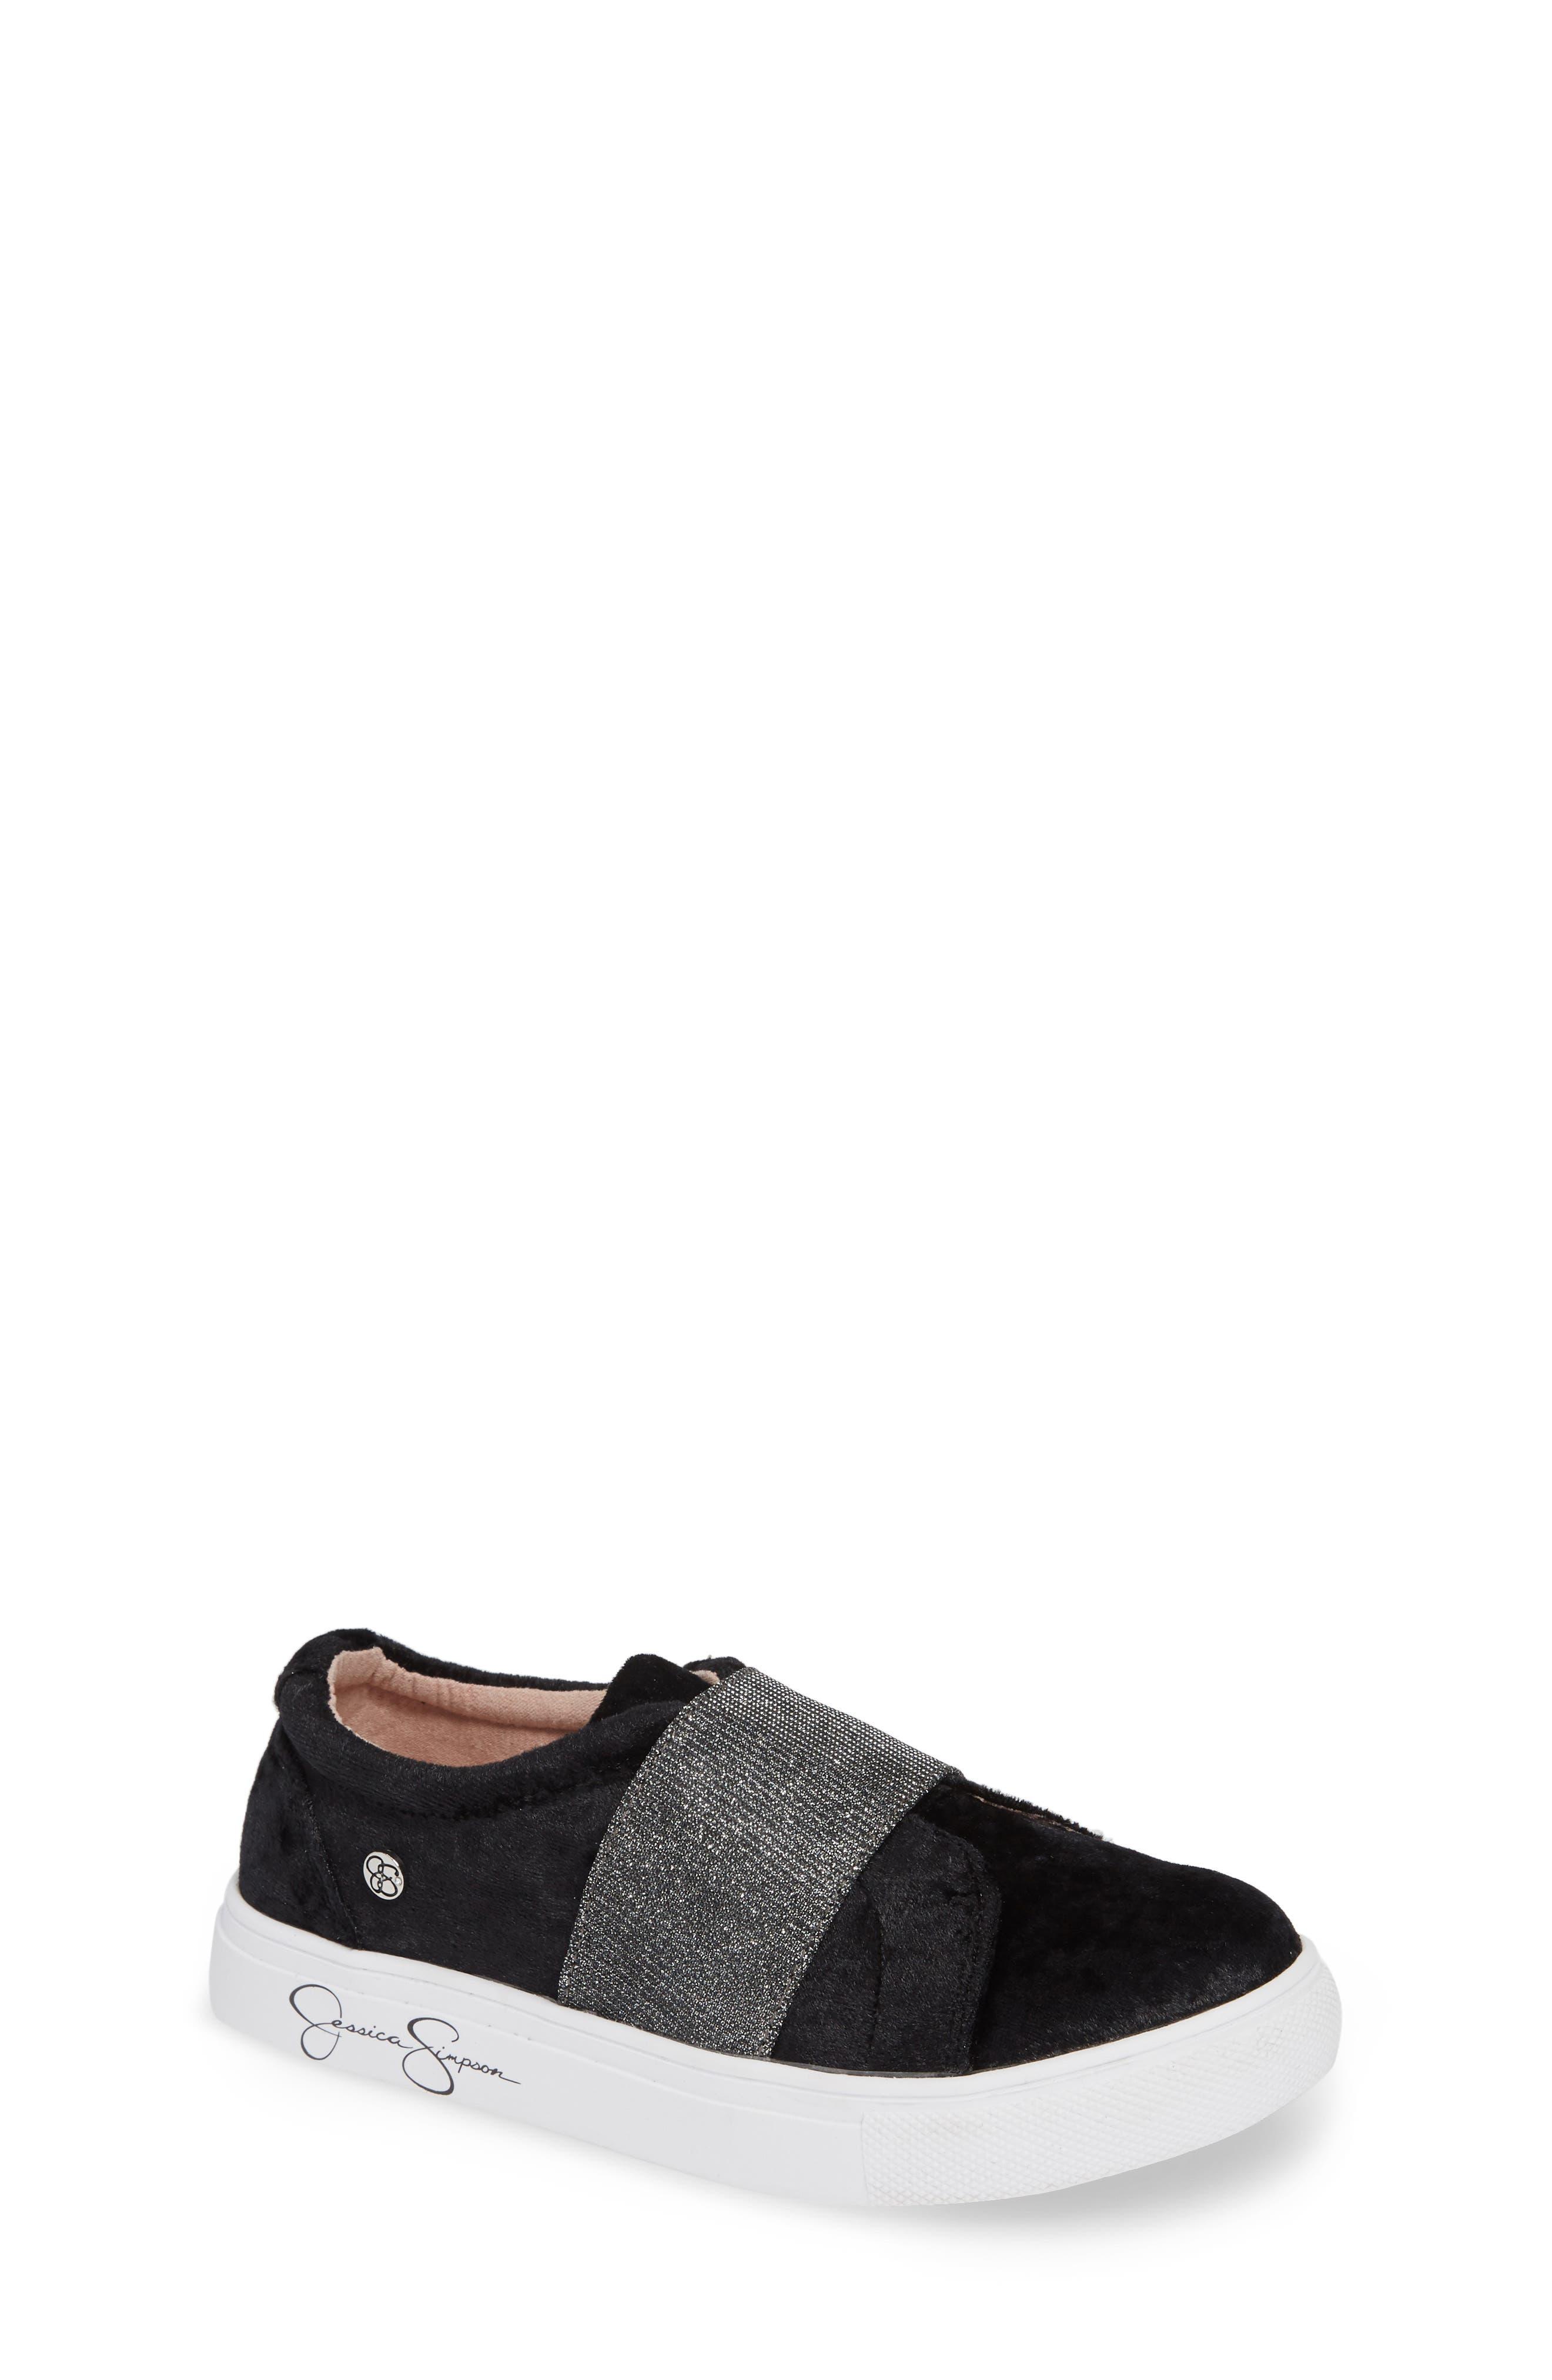 Sparkle Slip-On Sneaker,                         Main,                         color, BLACK CRUSHED VELVET